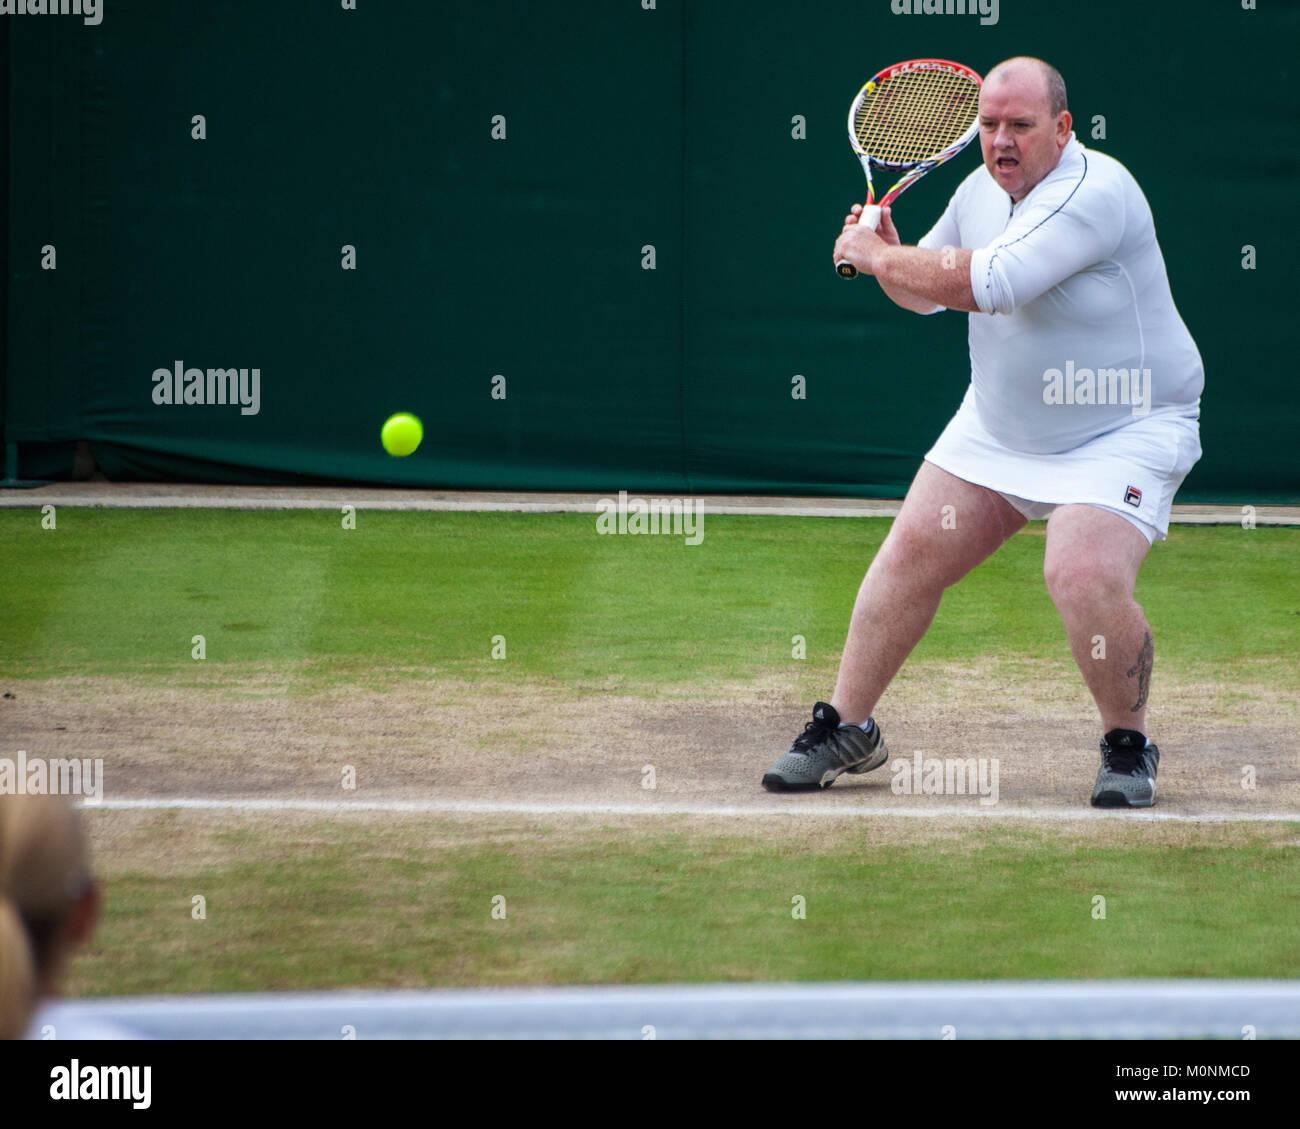 Kim Clijsters avait un ventilateur mâles mis sur une jupe et jouer un point à Wimbledon 2017 Sur invitation Photo Stock